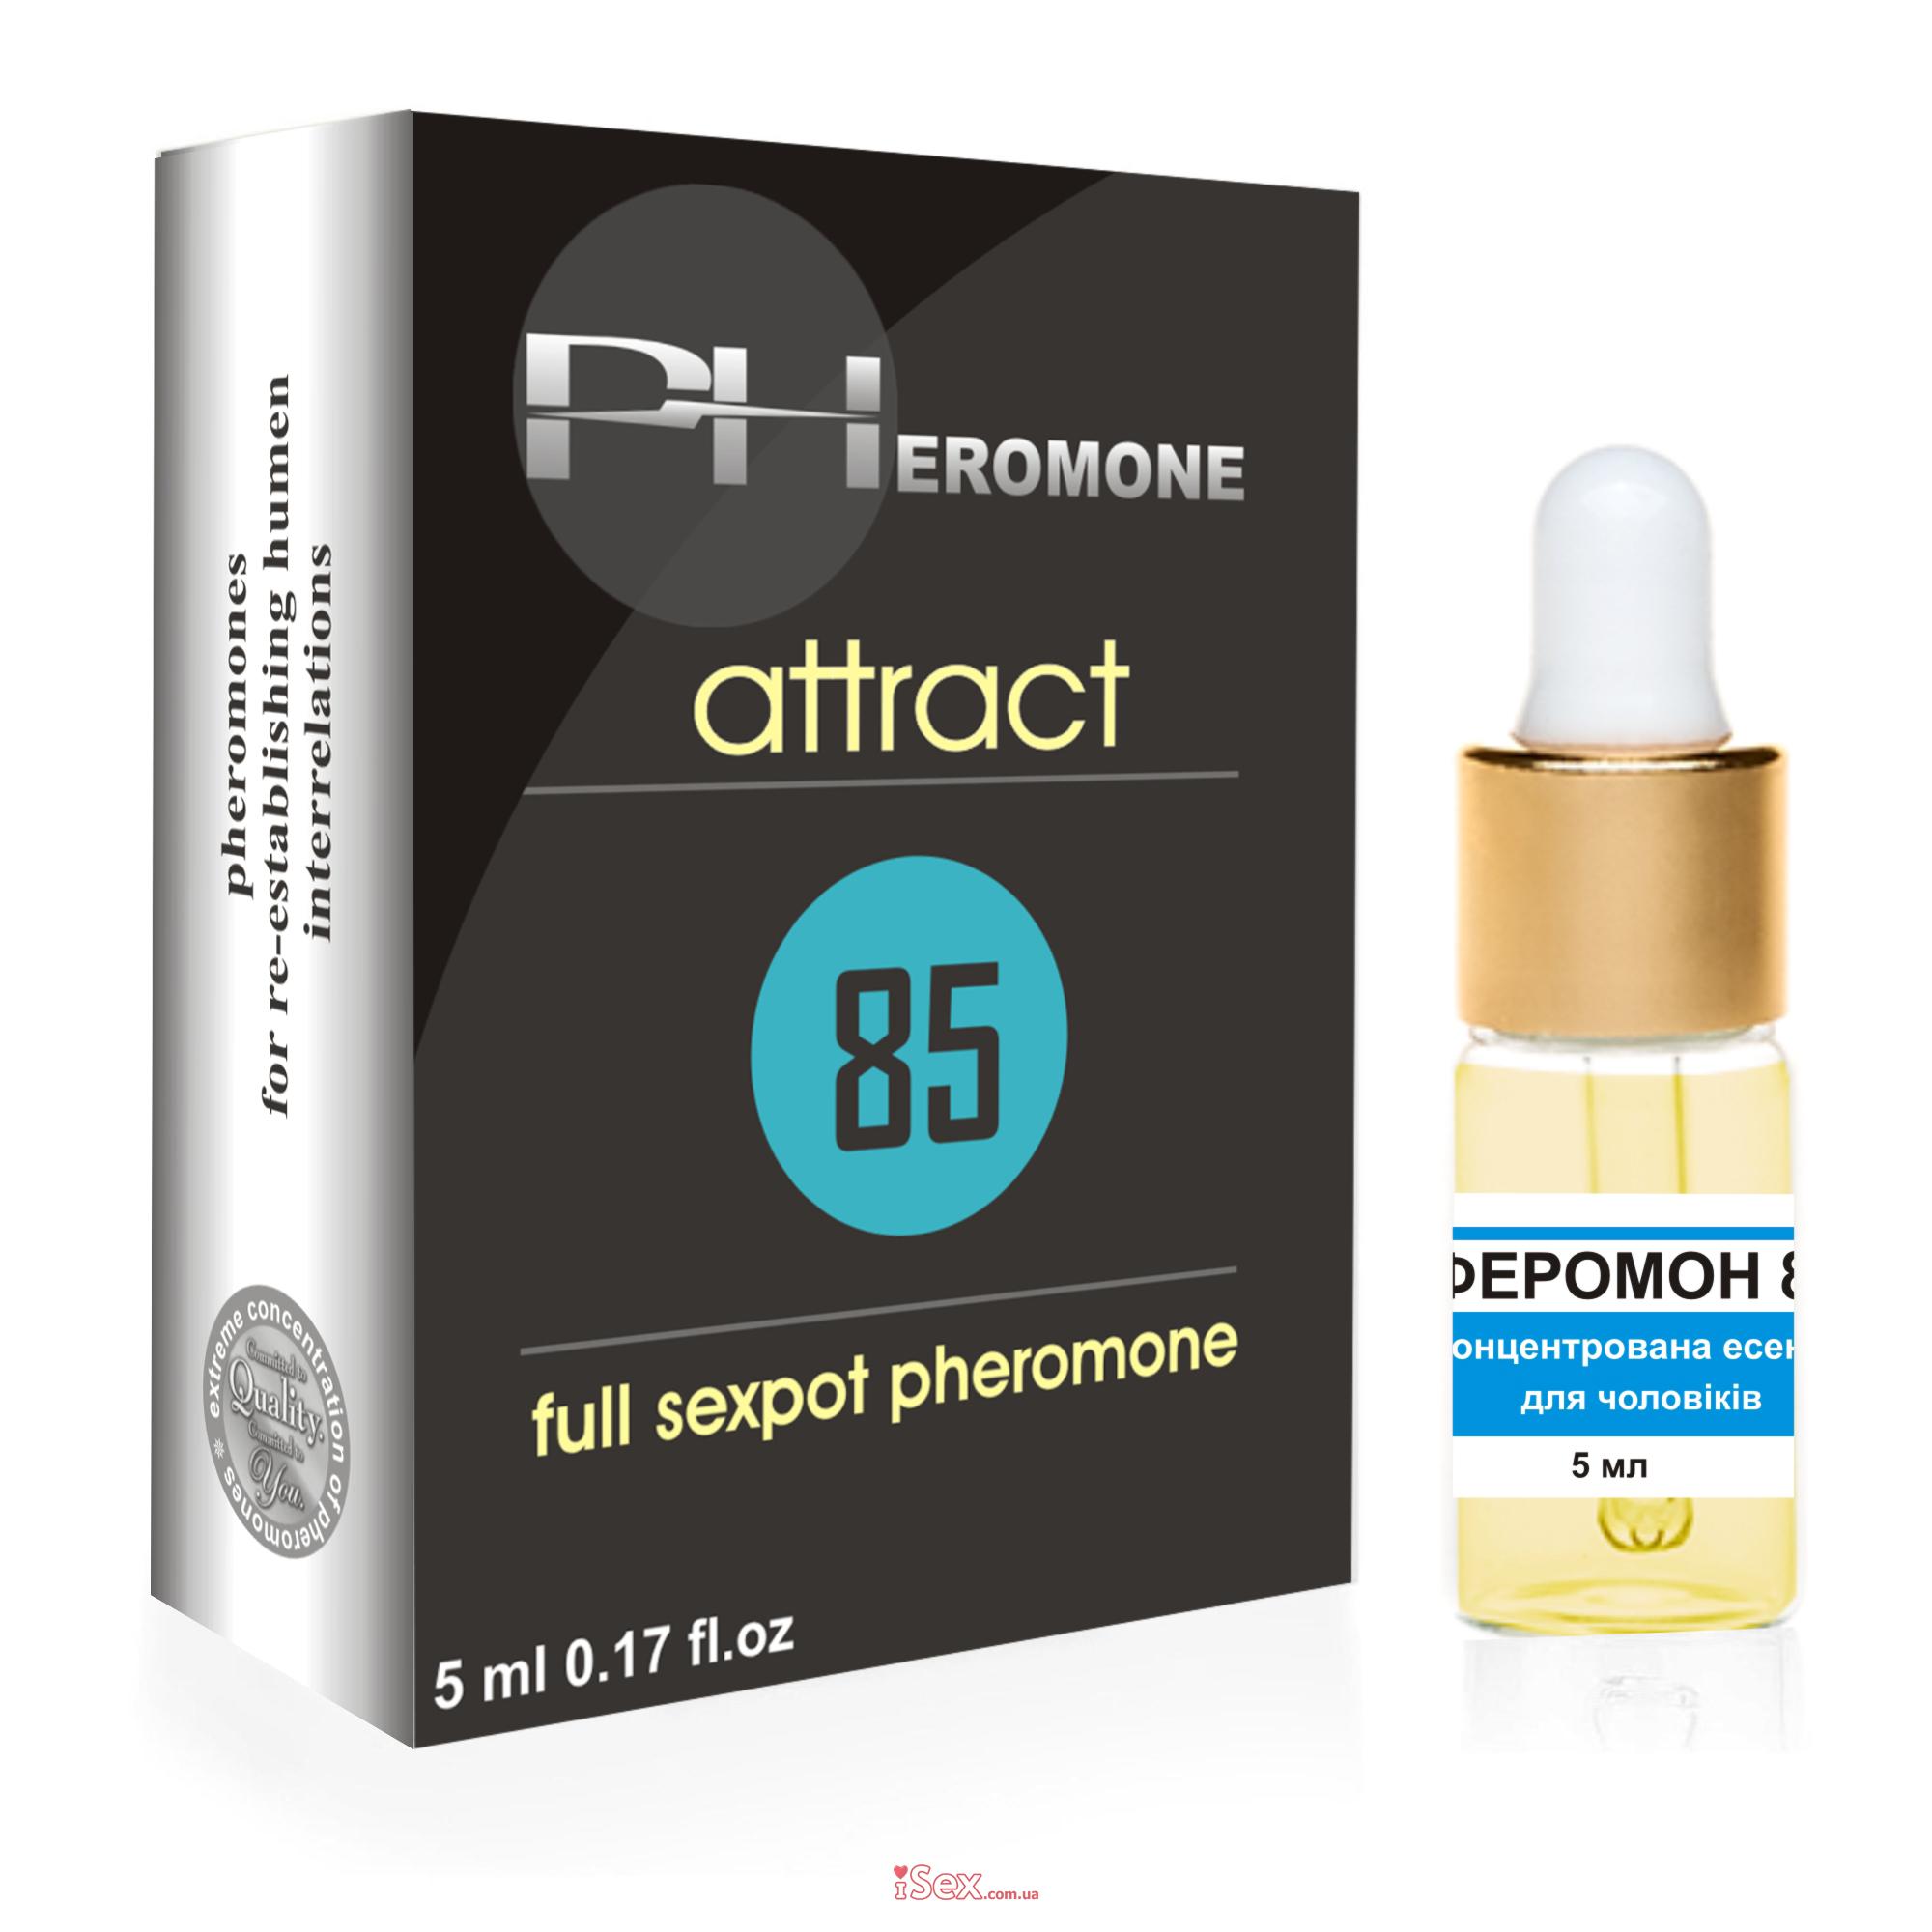 Эссенция мужских феромонов PHEROMON 85, 5 мл